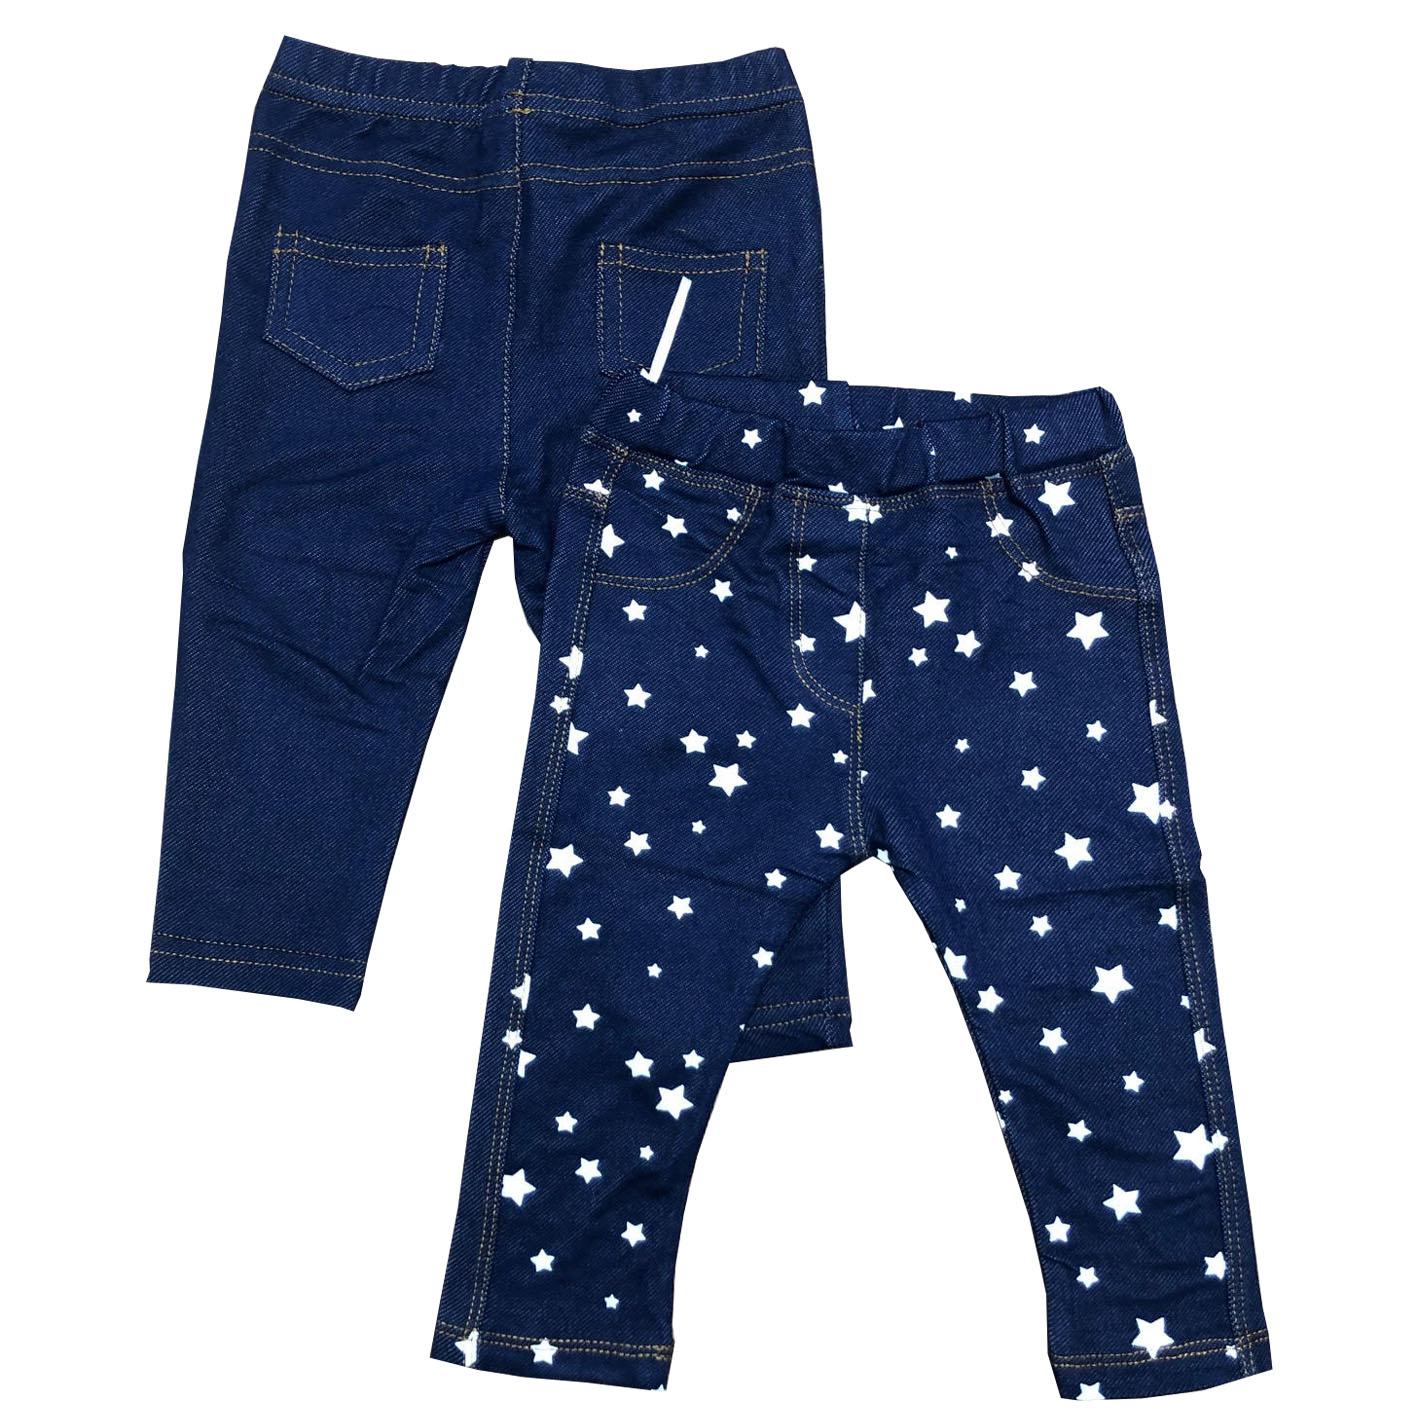 זוג טייצים דמוי ג'ינס כוכבים נייבי חלק וכוכבים